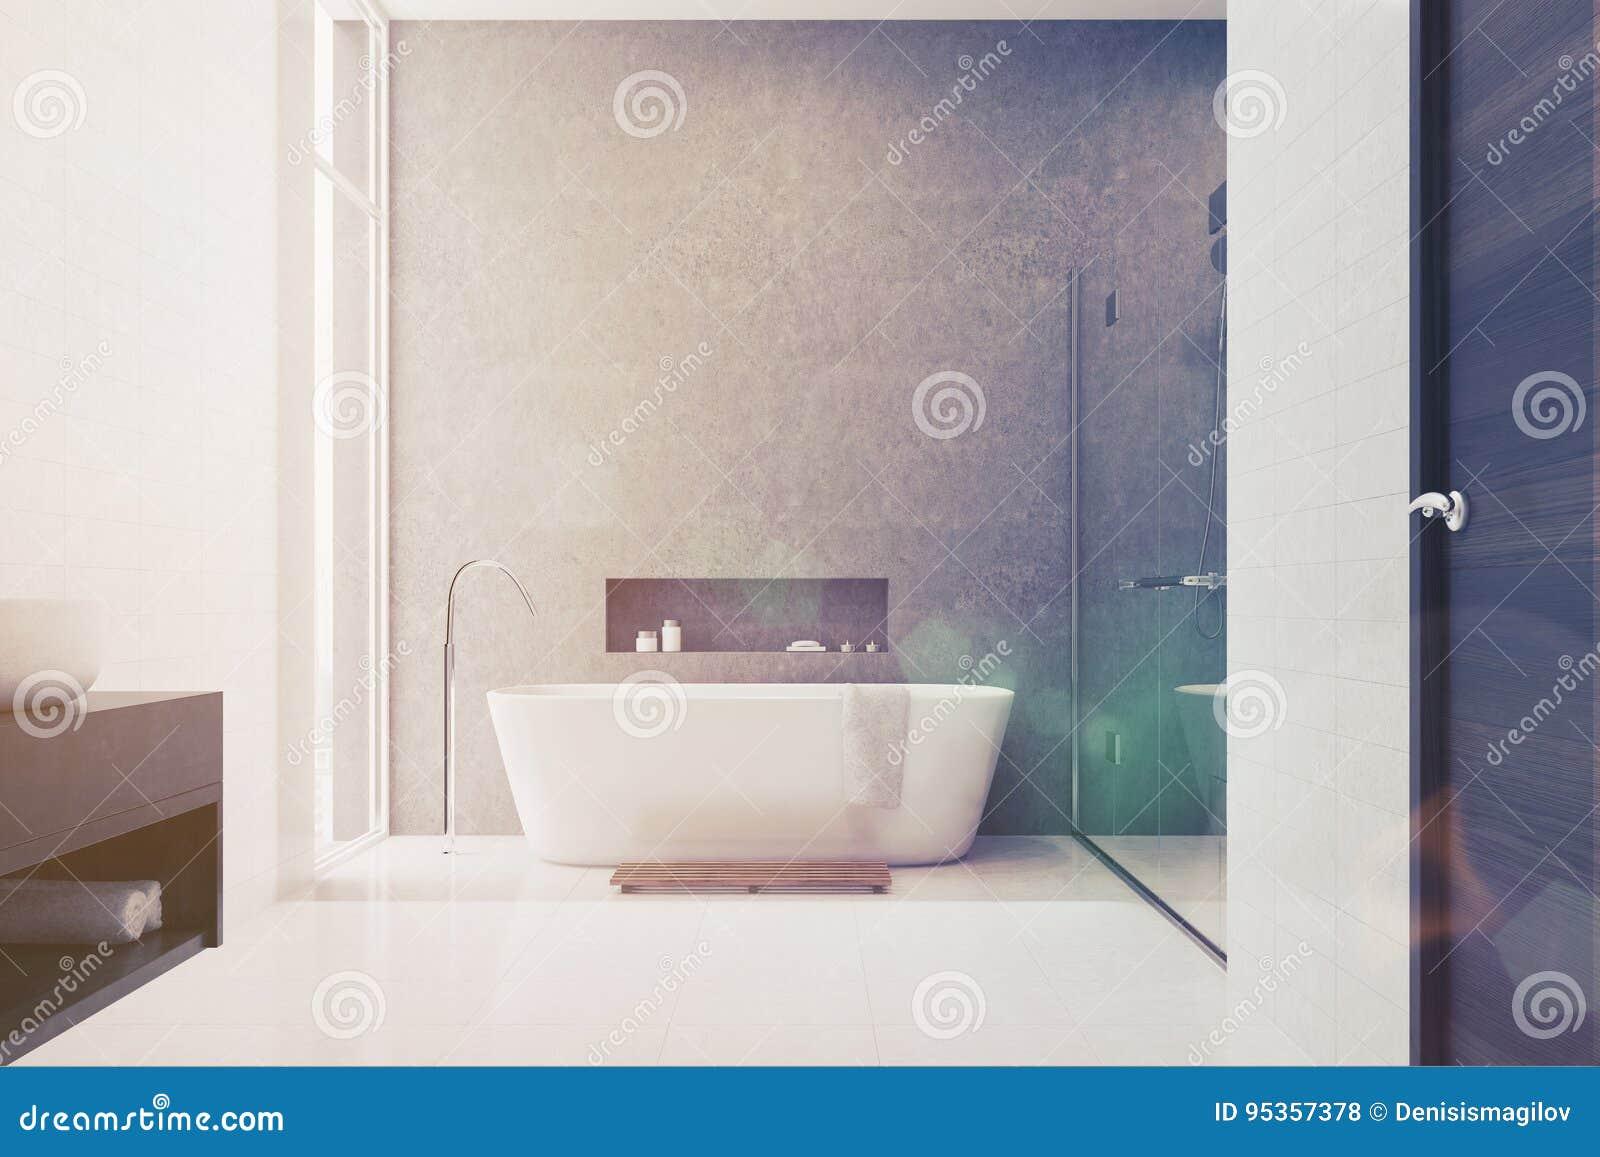 Graues Badezimmer, Weiße Fliesen, Weiße Wanne Getont Stock Abbildung ...